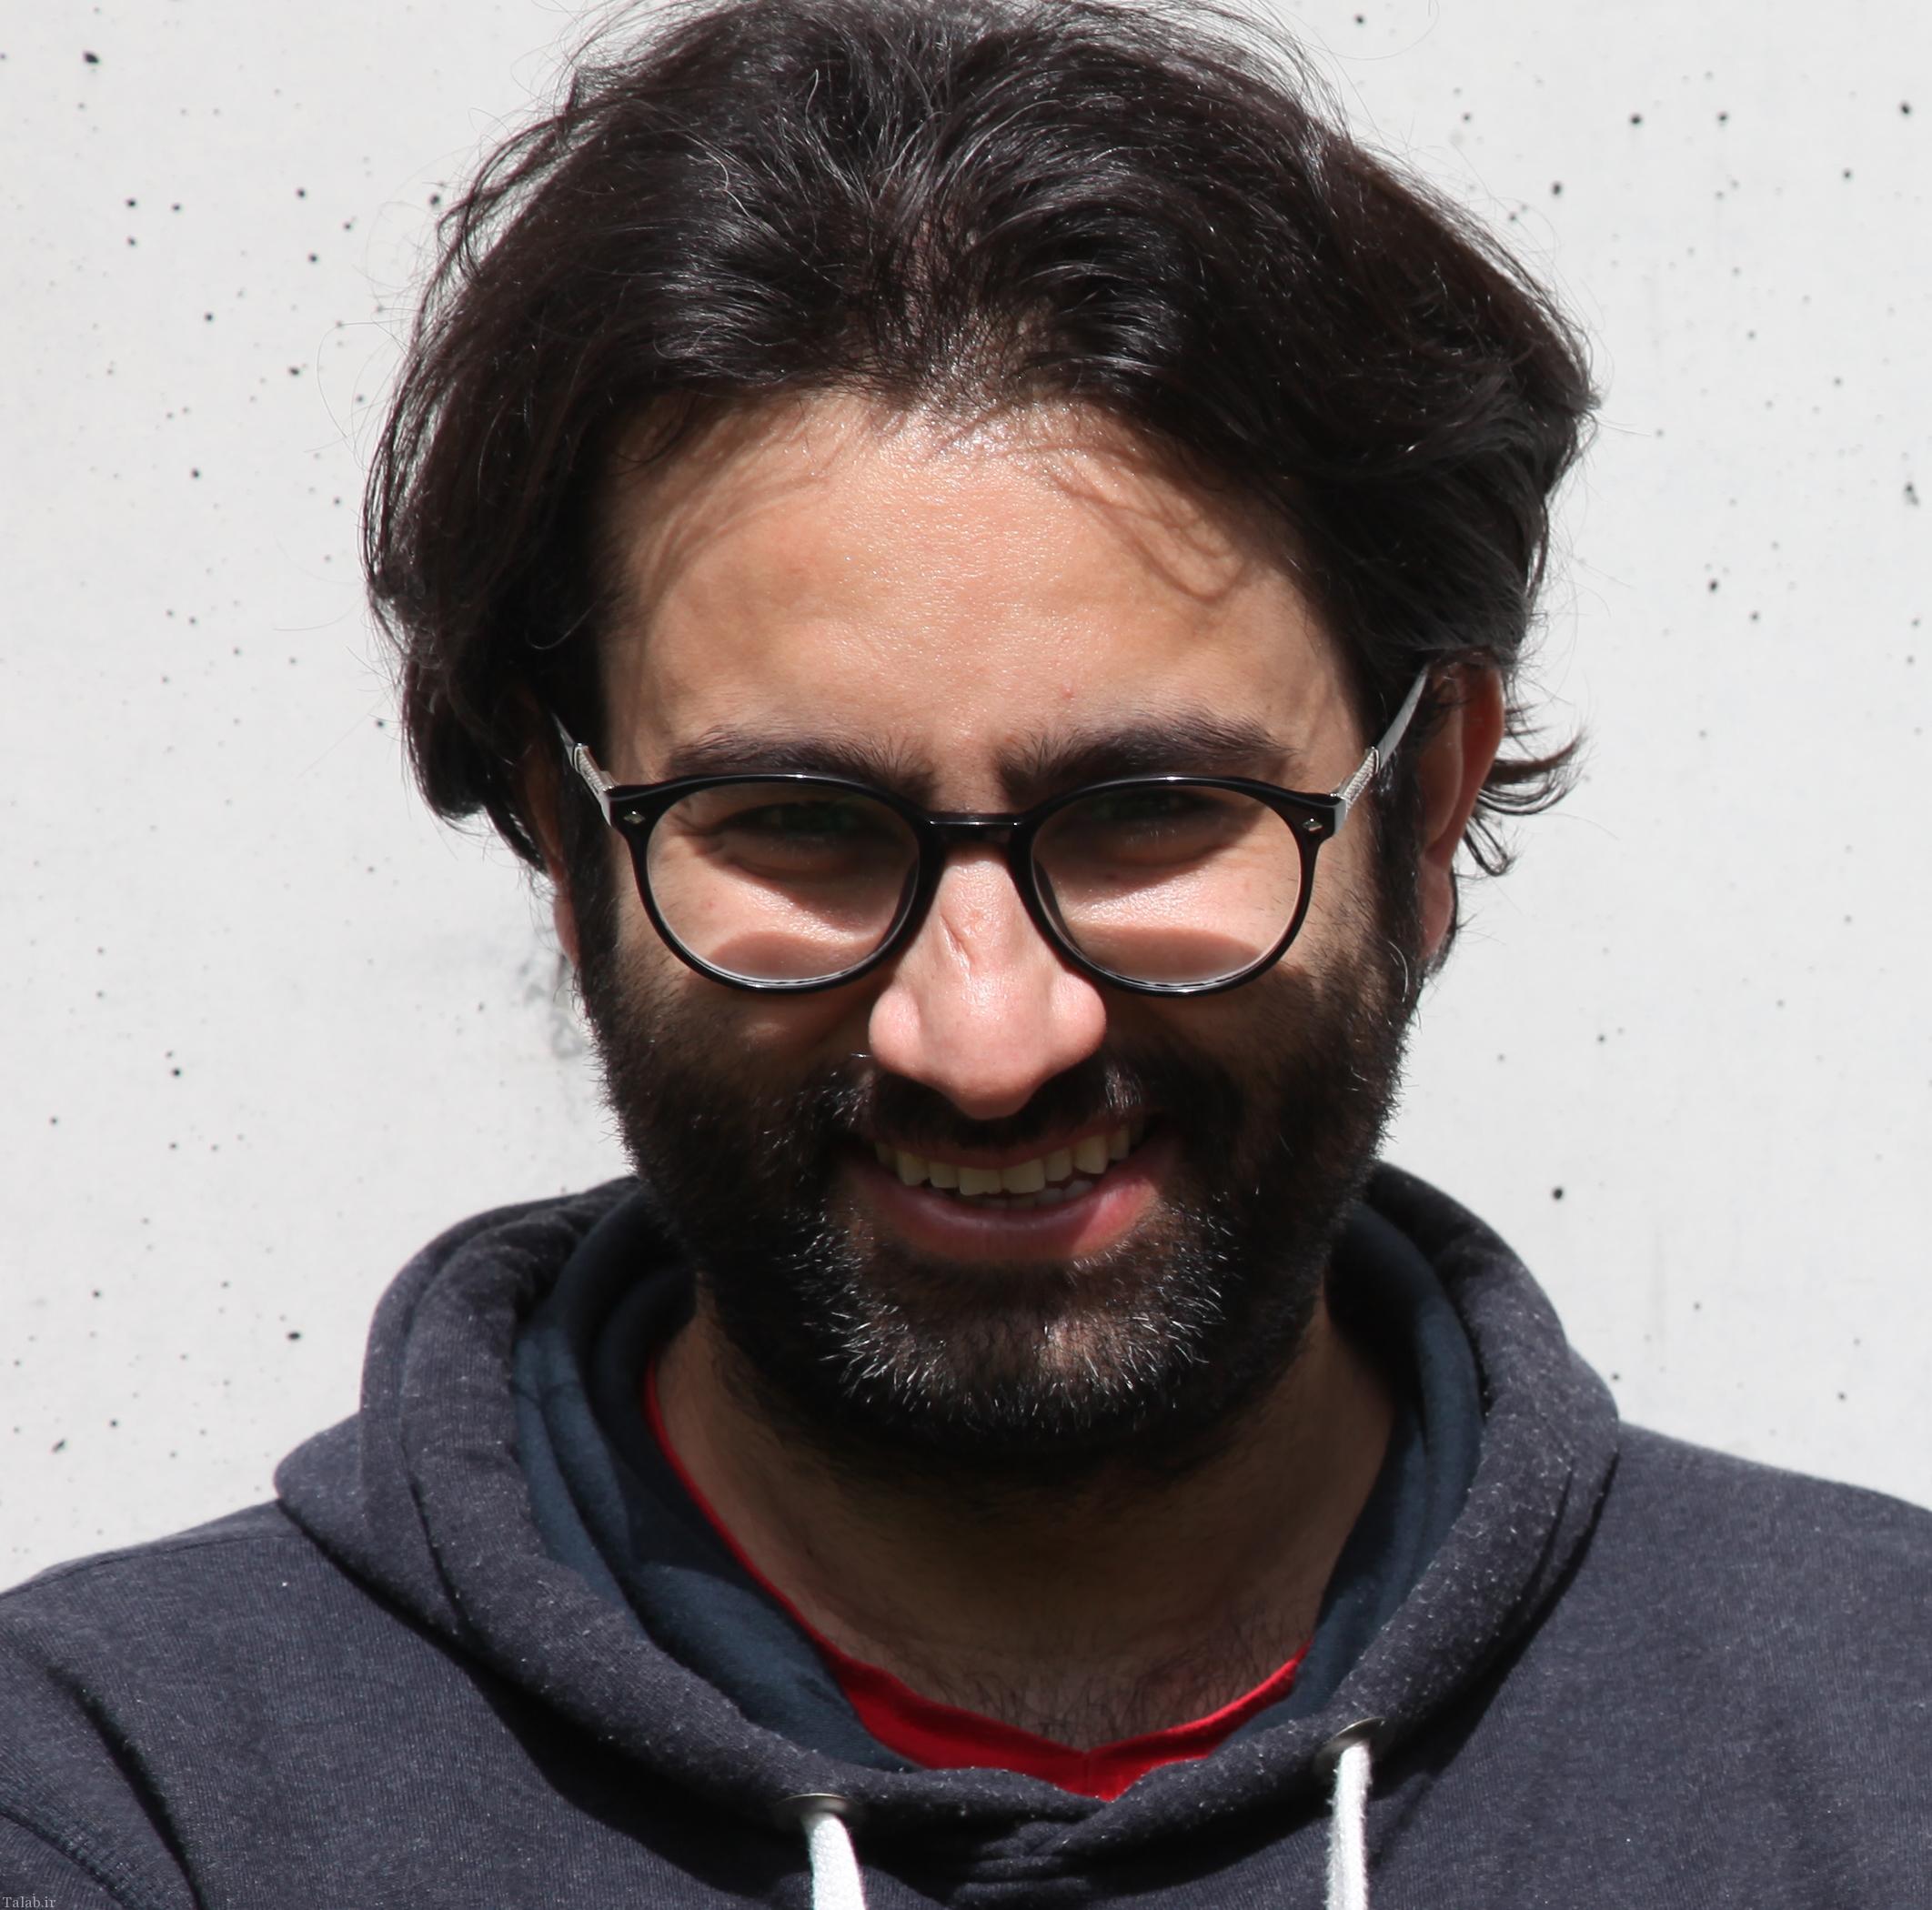 یاسر رودی یک جوان ایرانی محقق در سطح بینالمللی